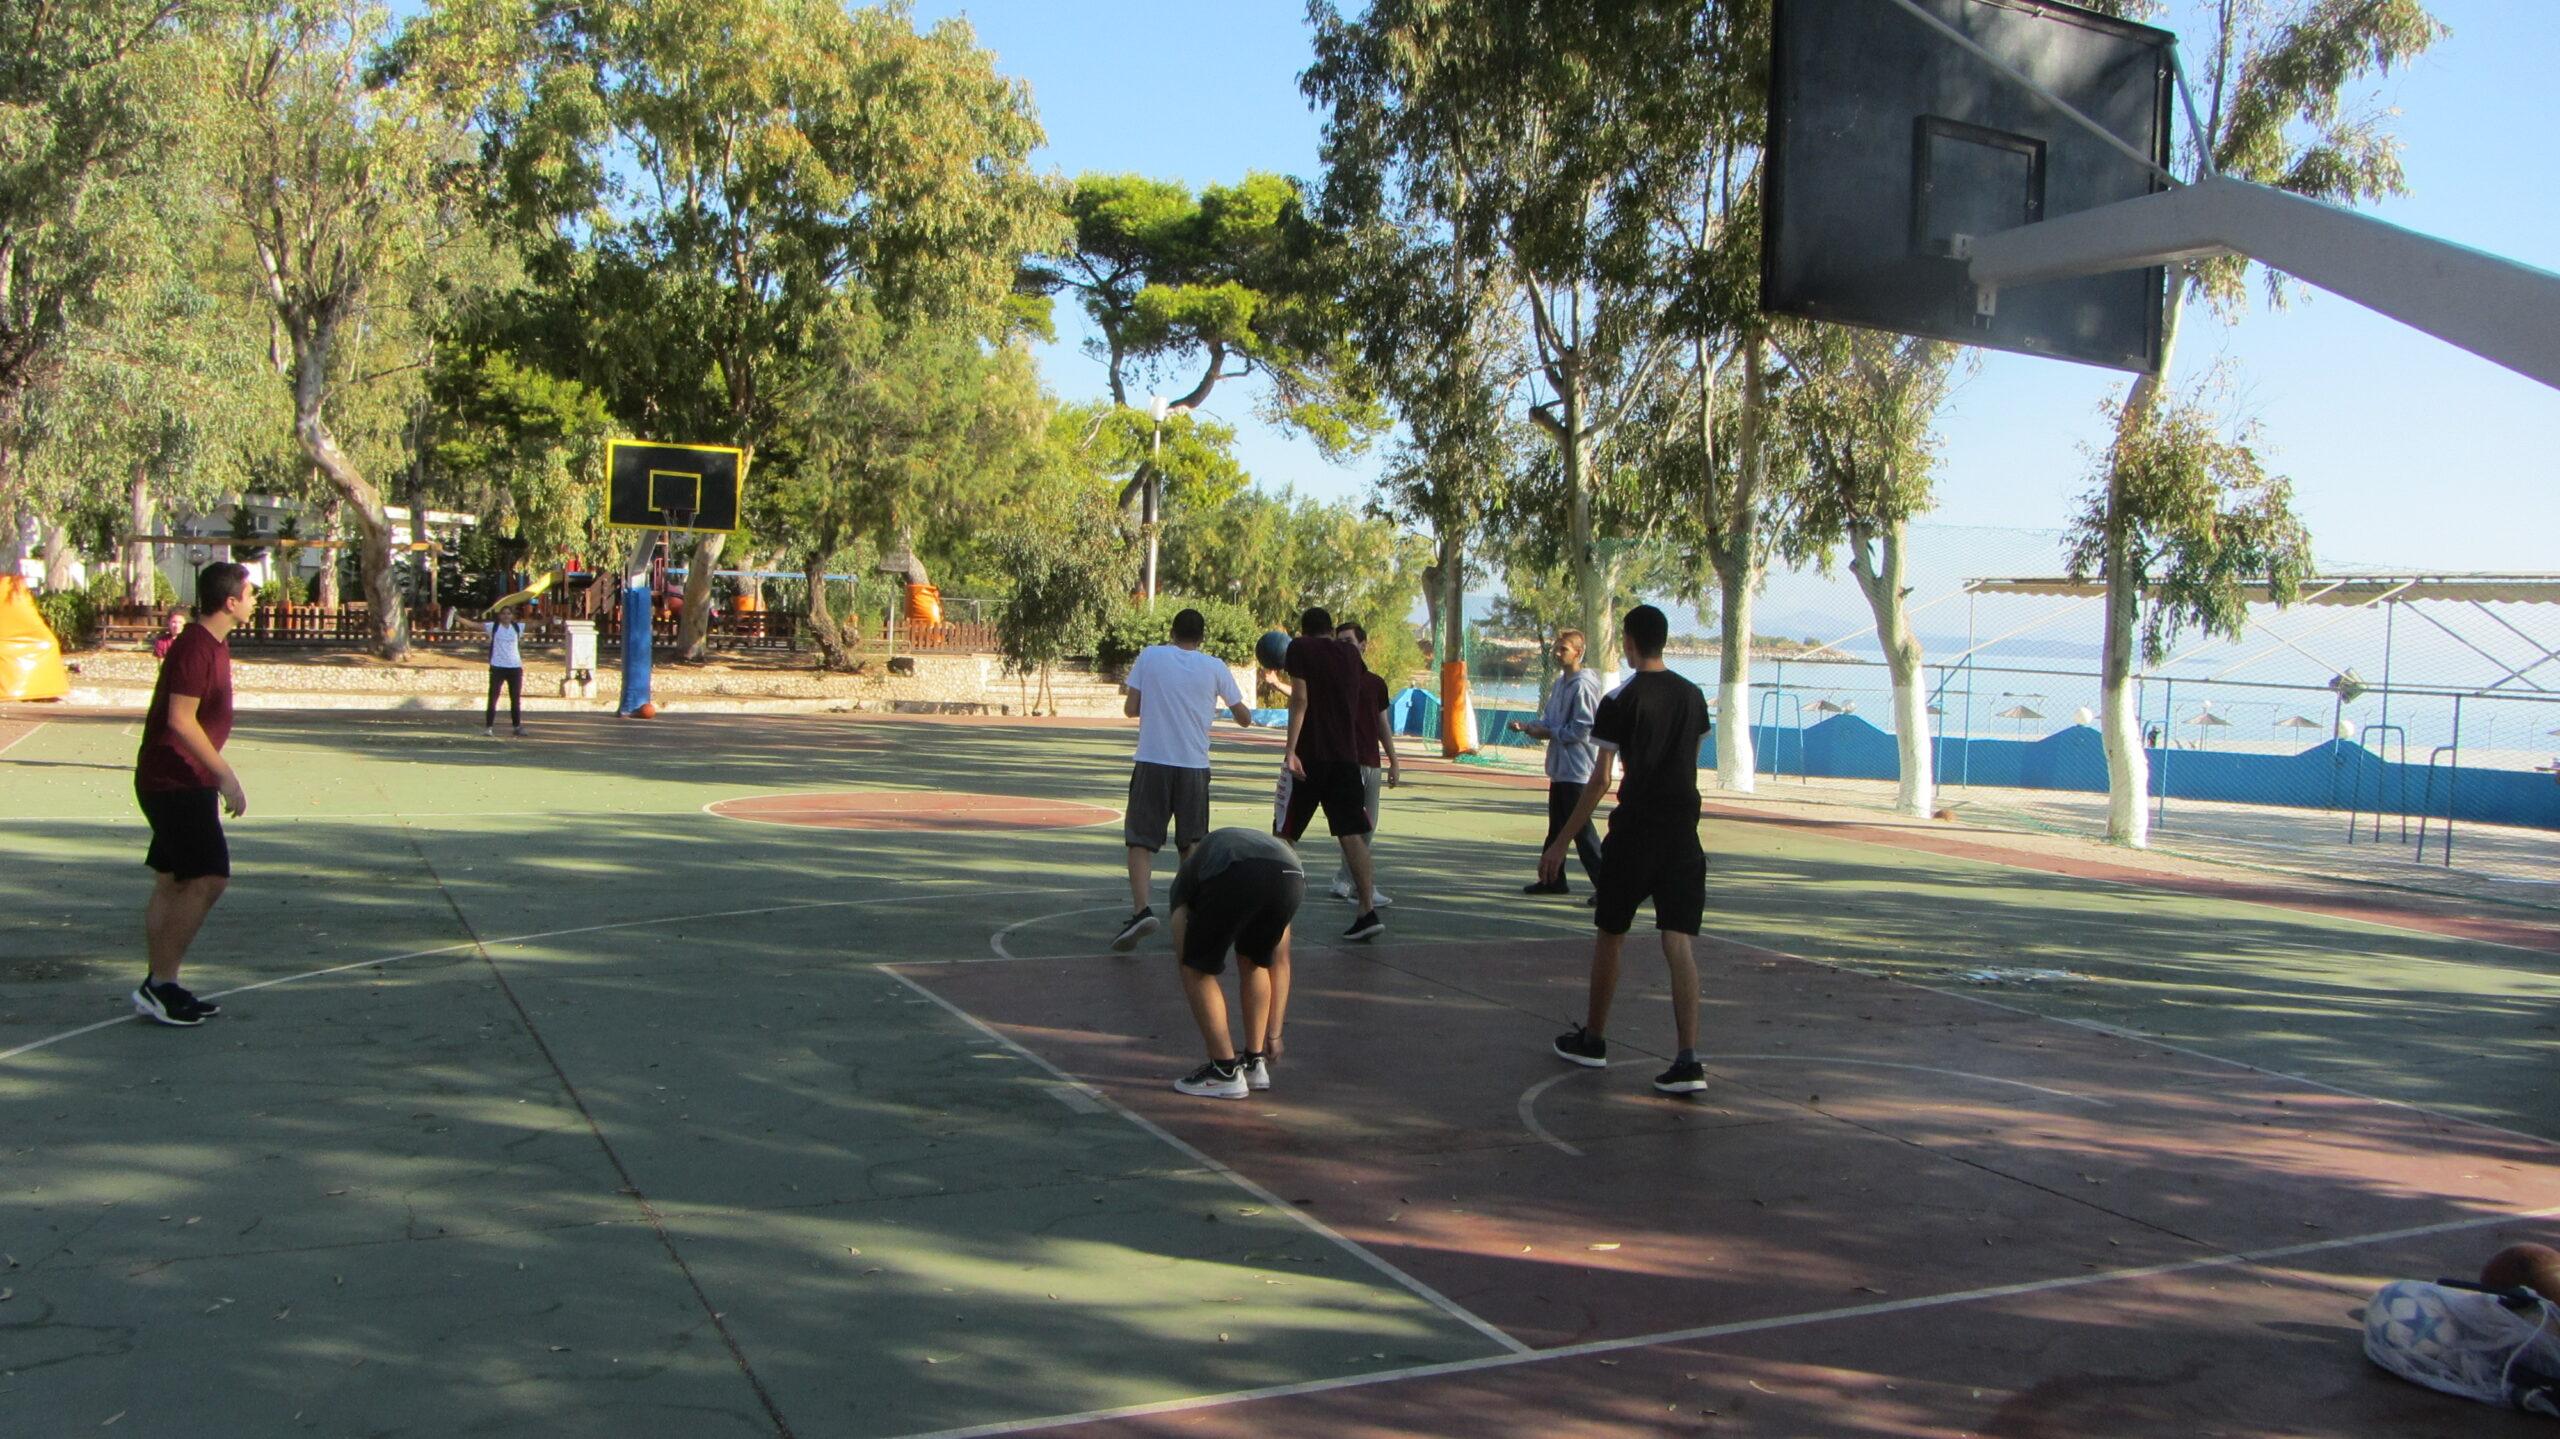 Πανελλήνια Ημέρα Σχολικού Αθλητισμού